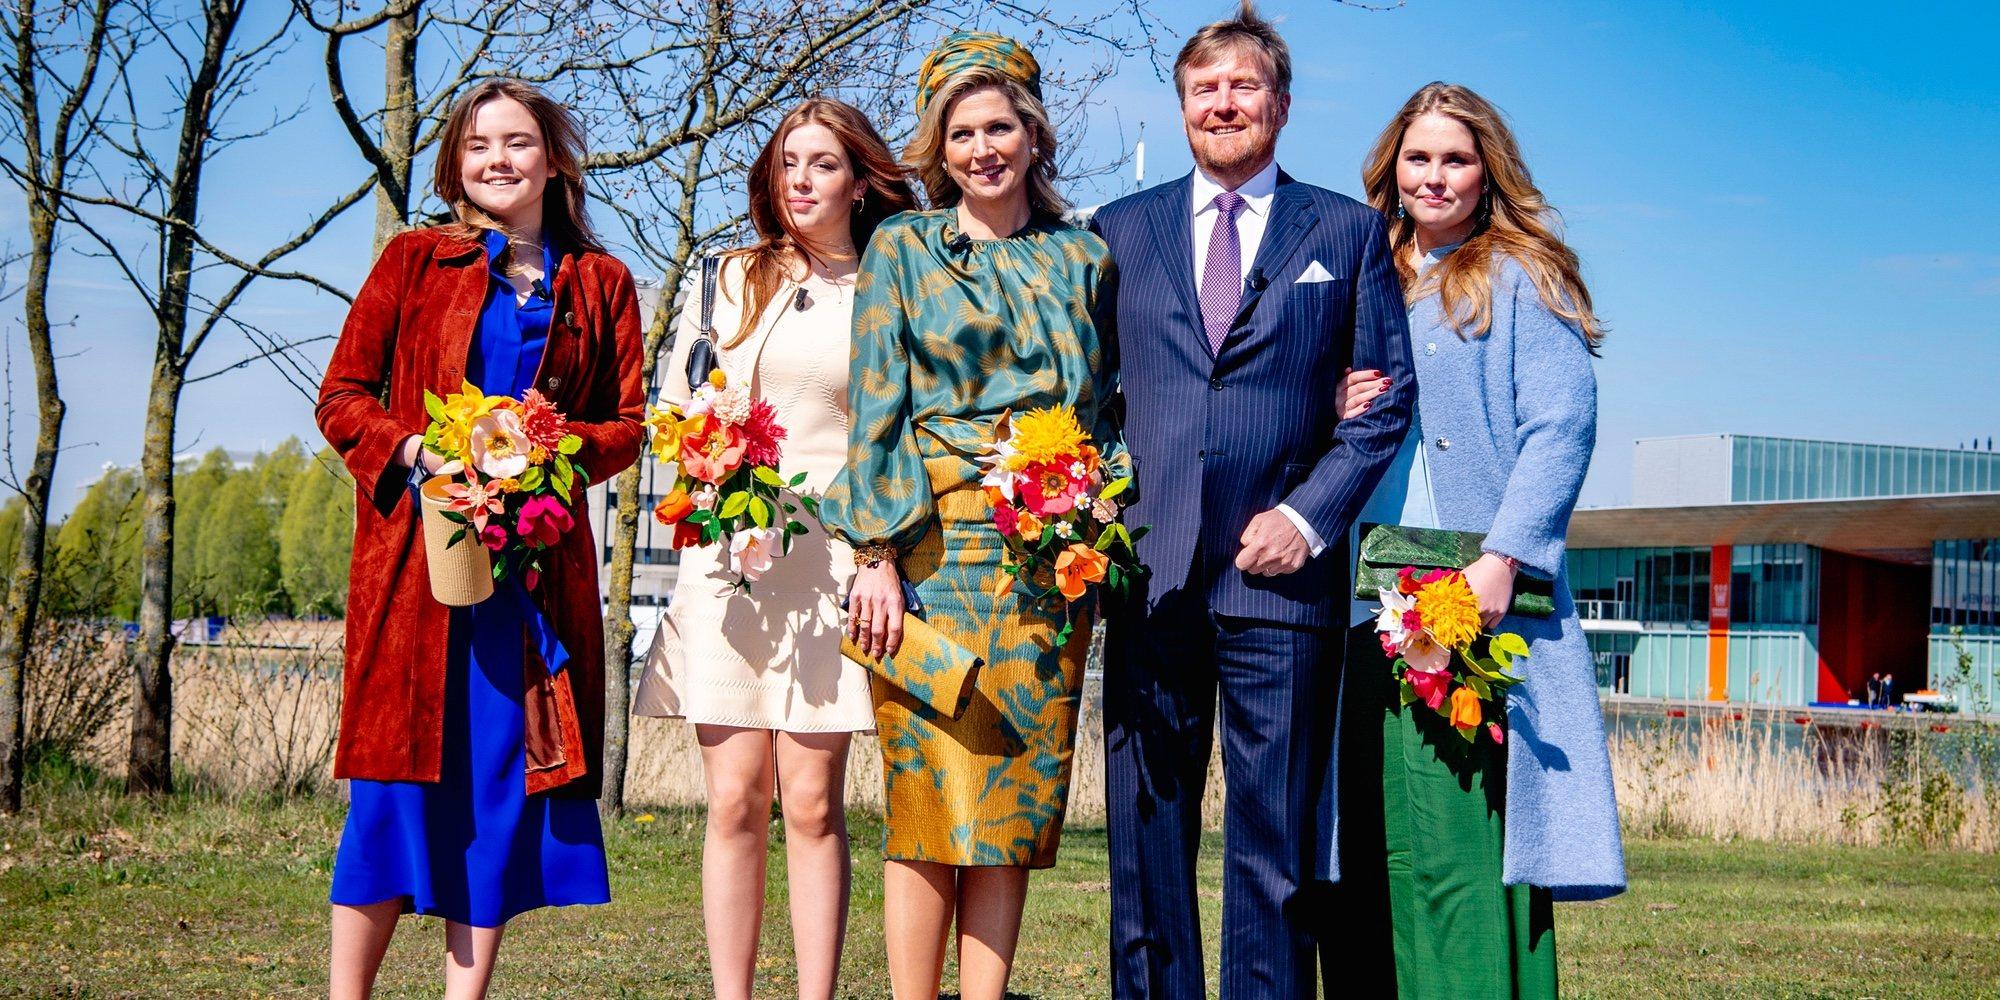 La Familia Real Holandesa celebra el Día del Rey 2021: posados, viaje a Eindhoven y un coche con la edad del Monarca